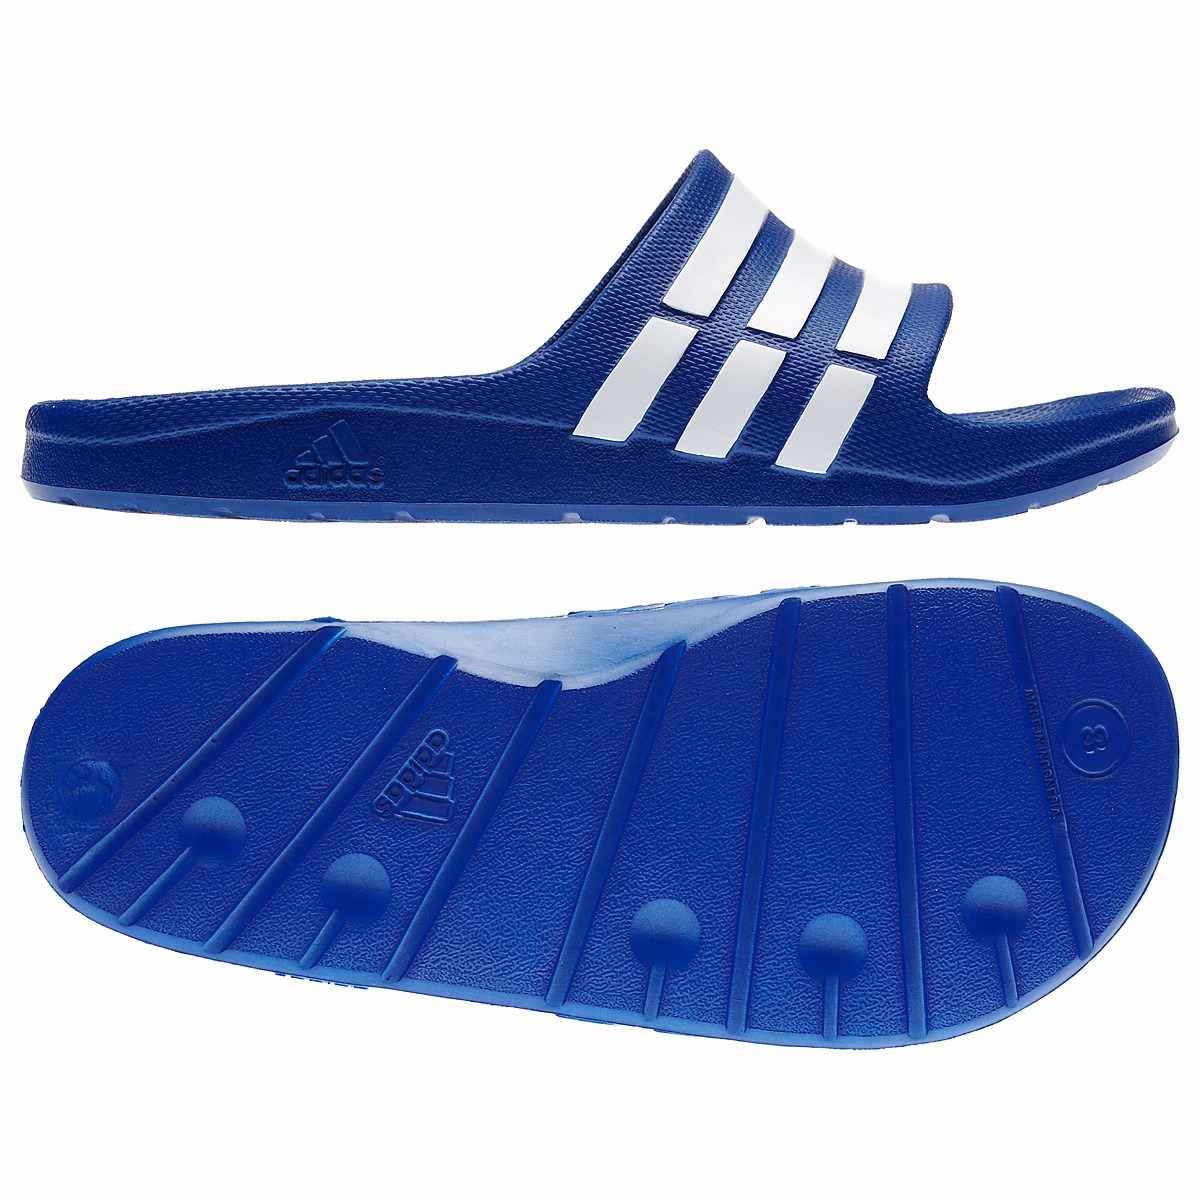 adidas duramo slipper schuhe badelatschen badeschuhe damen herren blau schwarz ebay. Black Bedroom Furniture Sets. Home Design Ideas